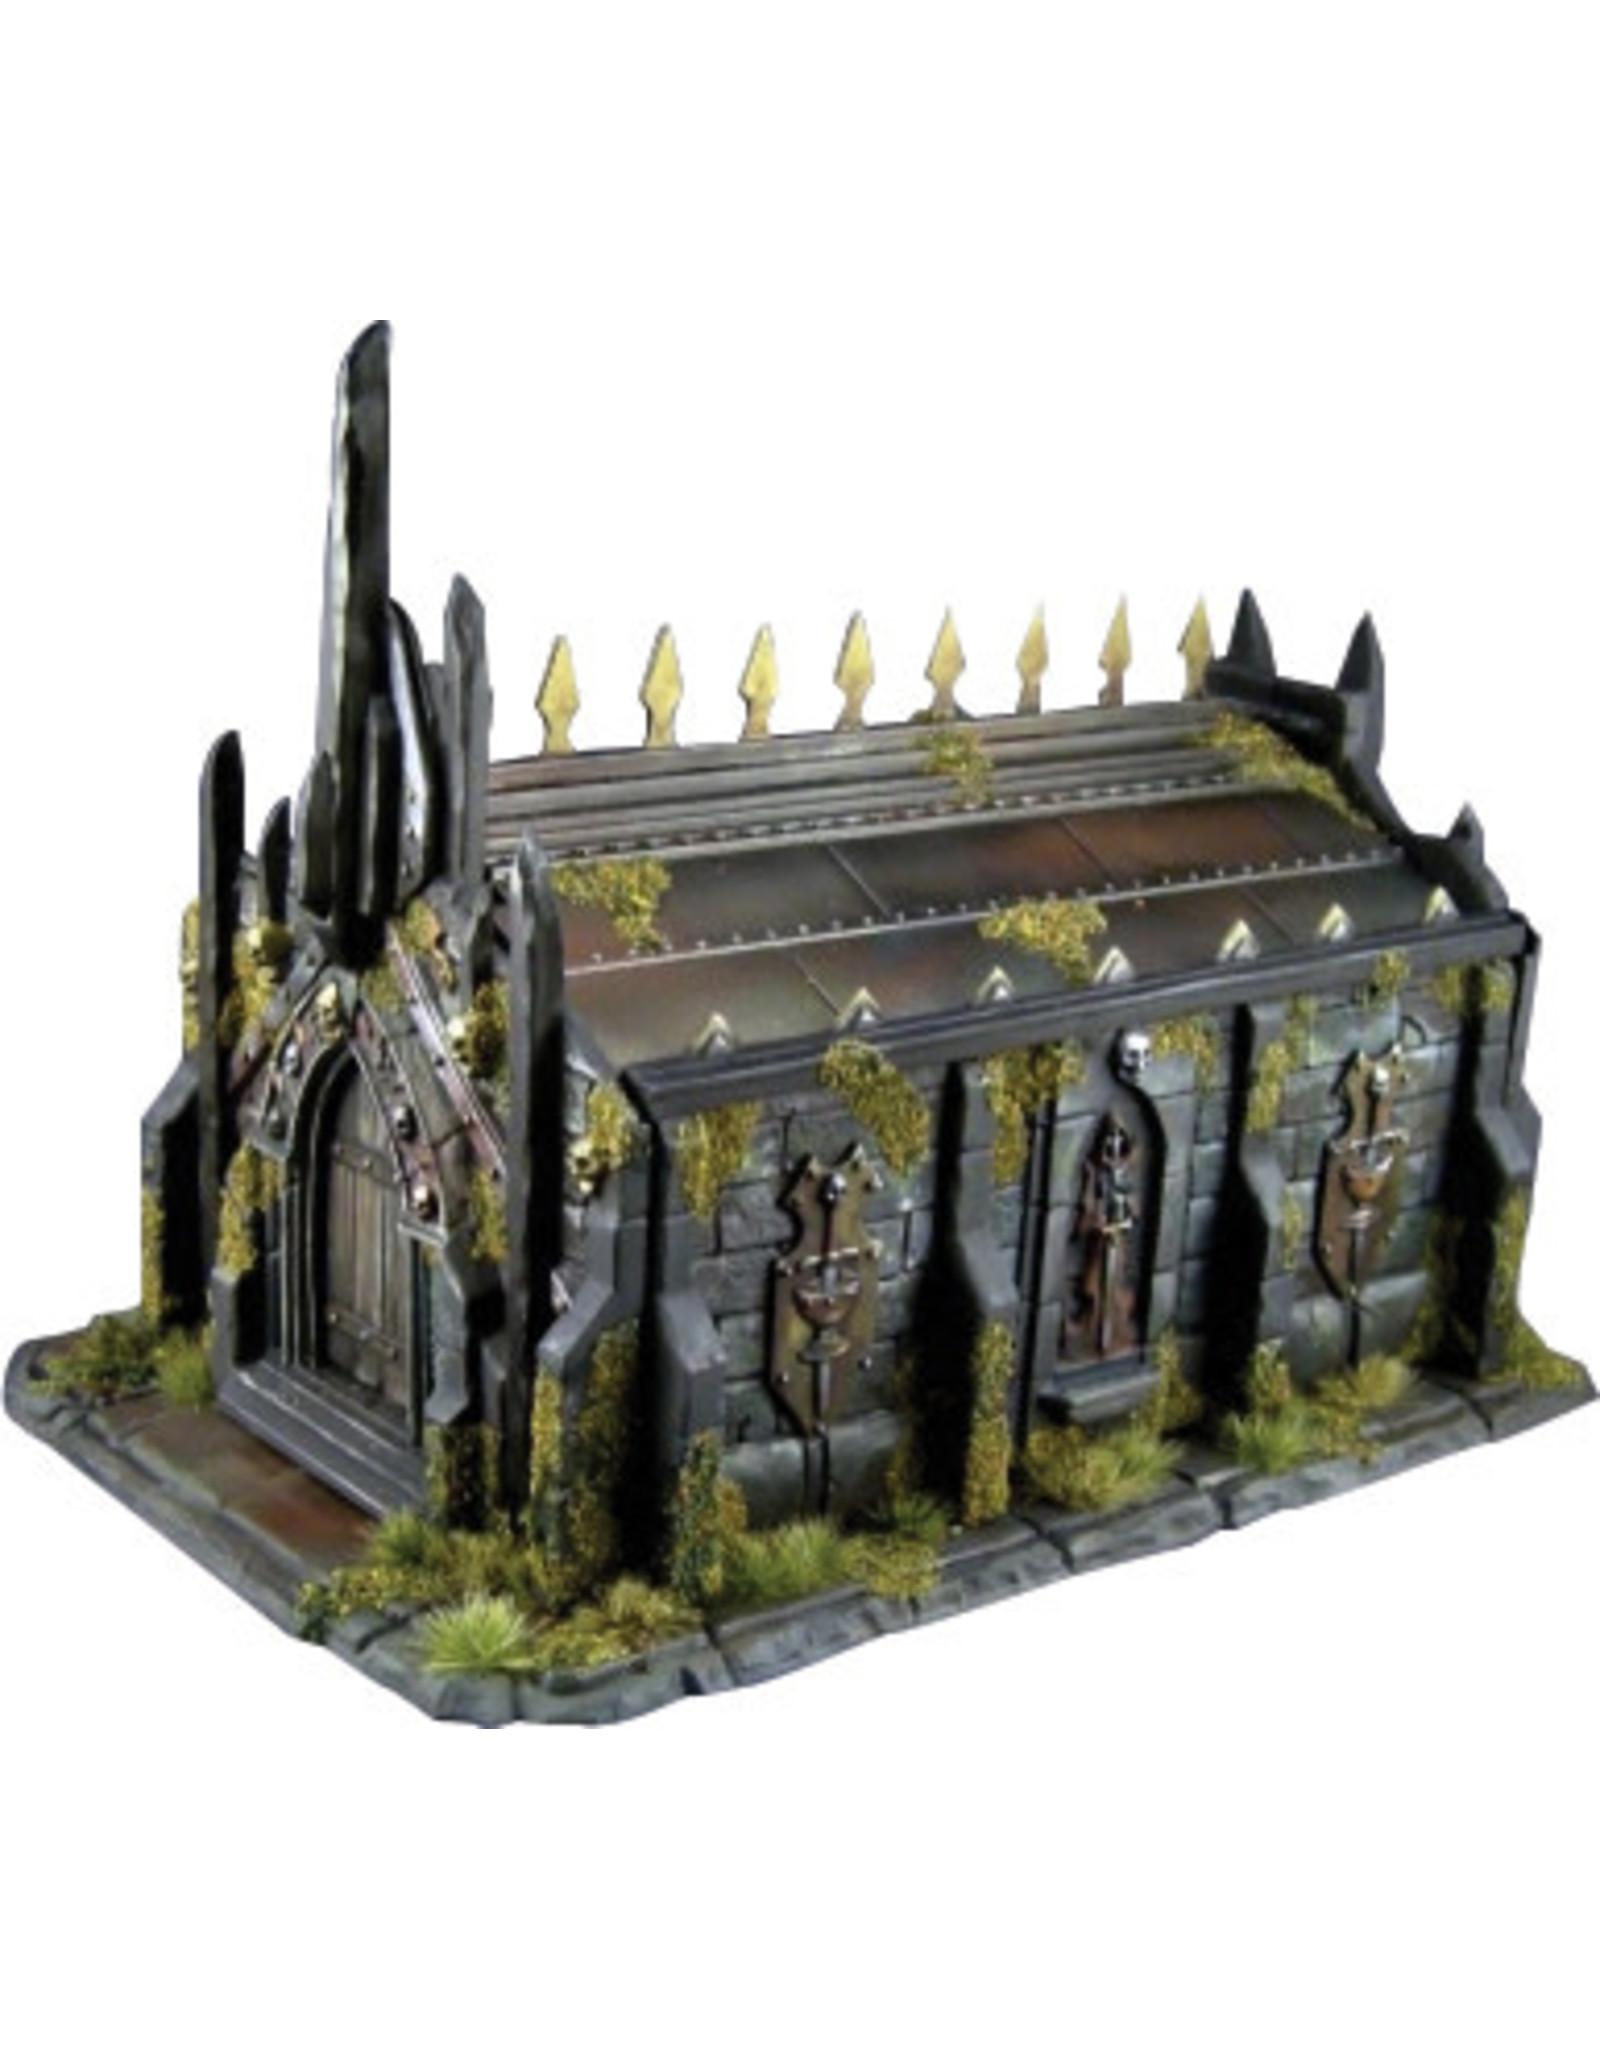 Reaper Miniatures Dark Heaven: Bones Classic - Obsidian Crypt (Boxed Set)